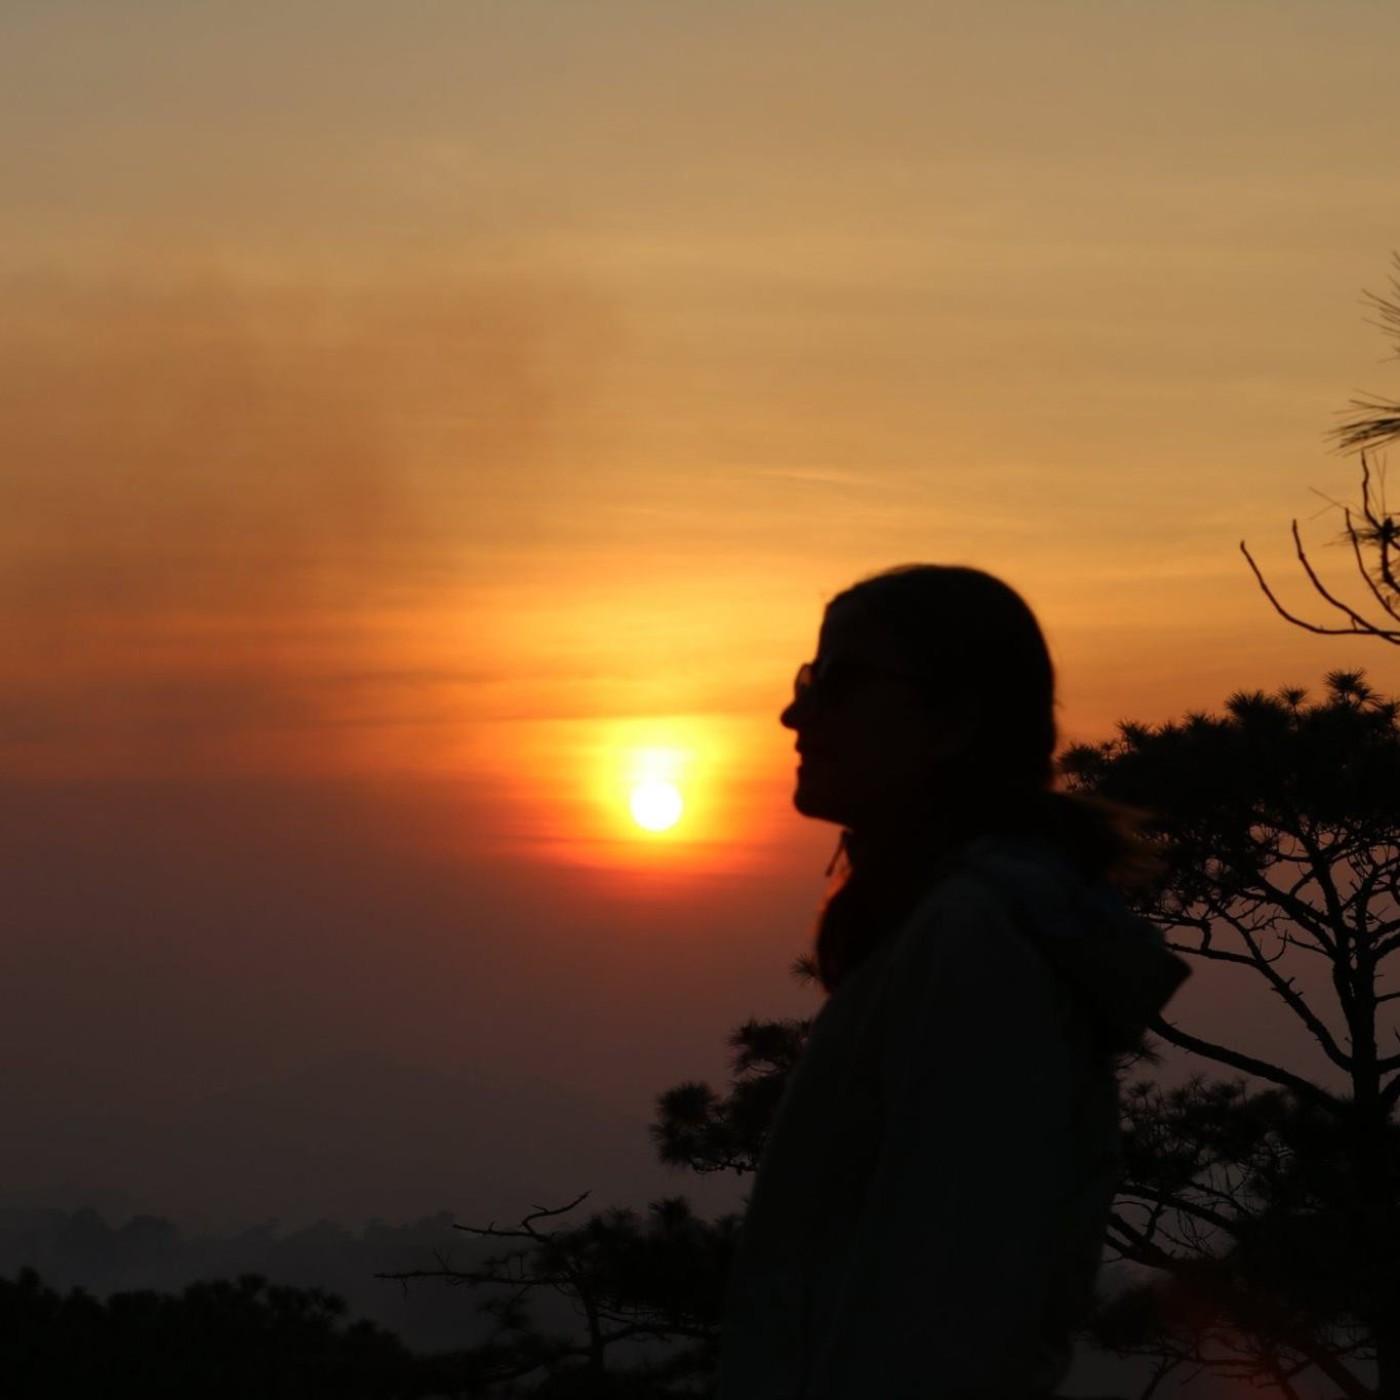 #13 Vietnam, Lucie s'expatrie en tant que volontaire